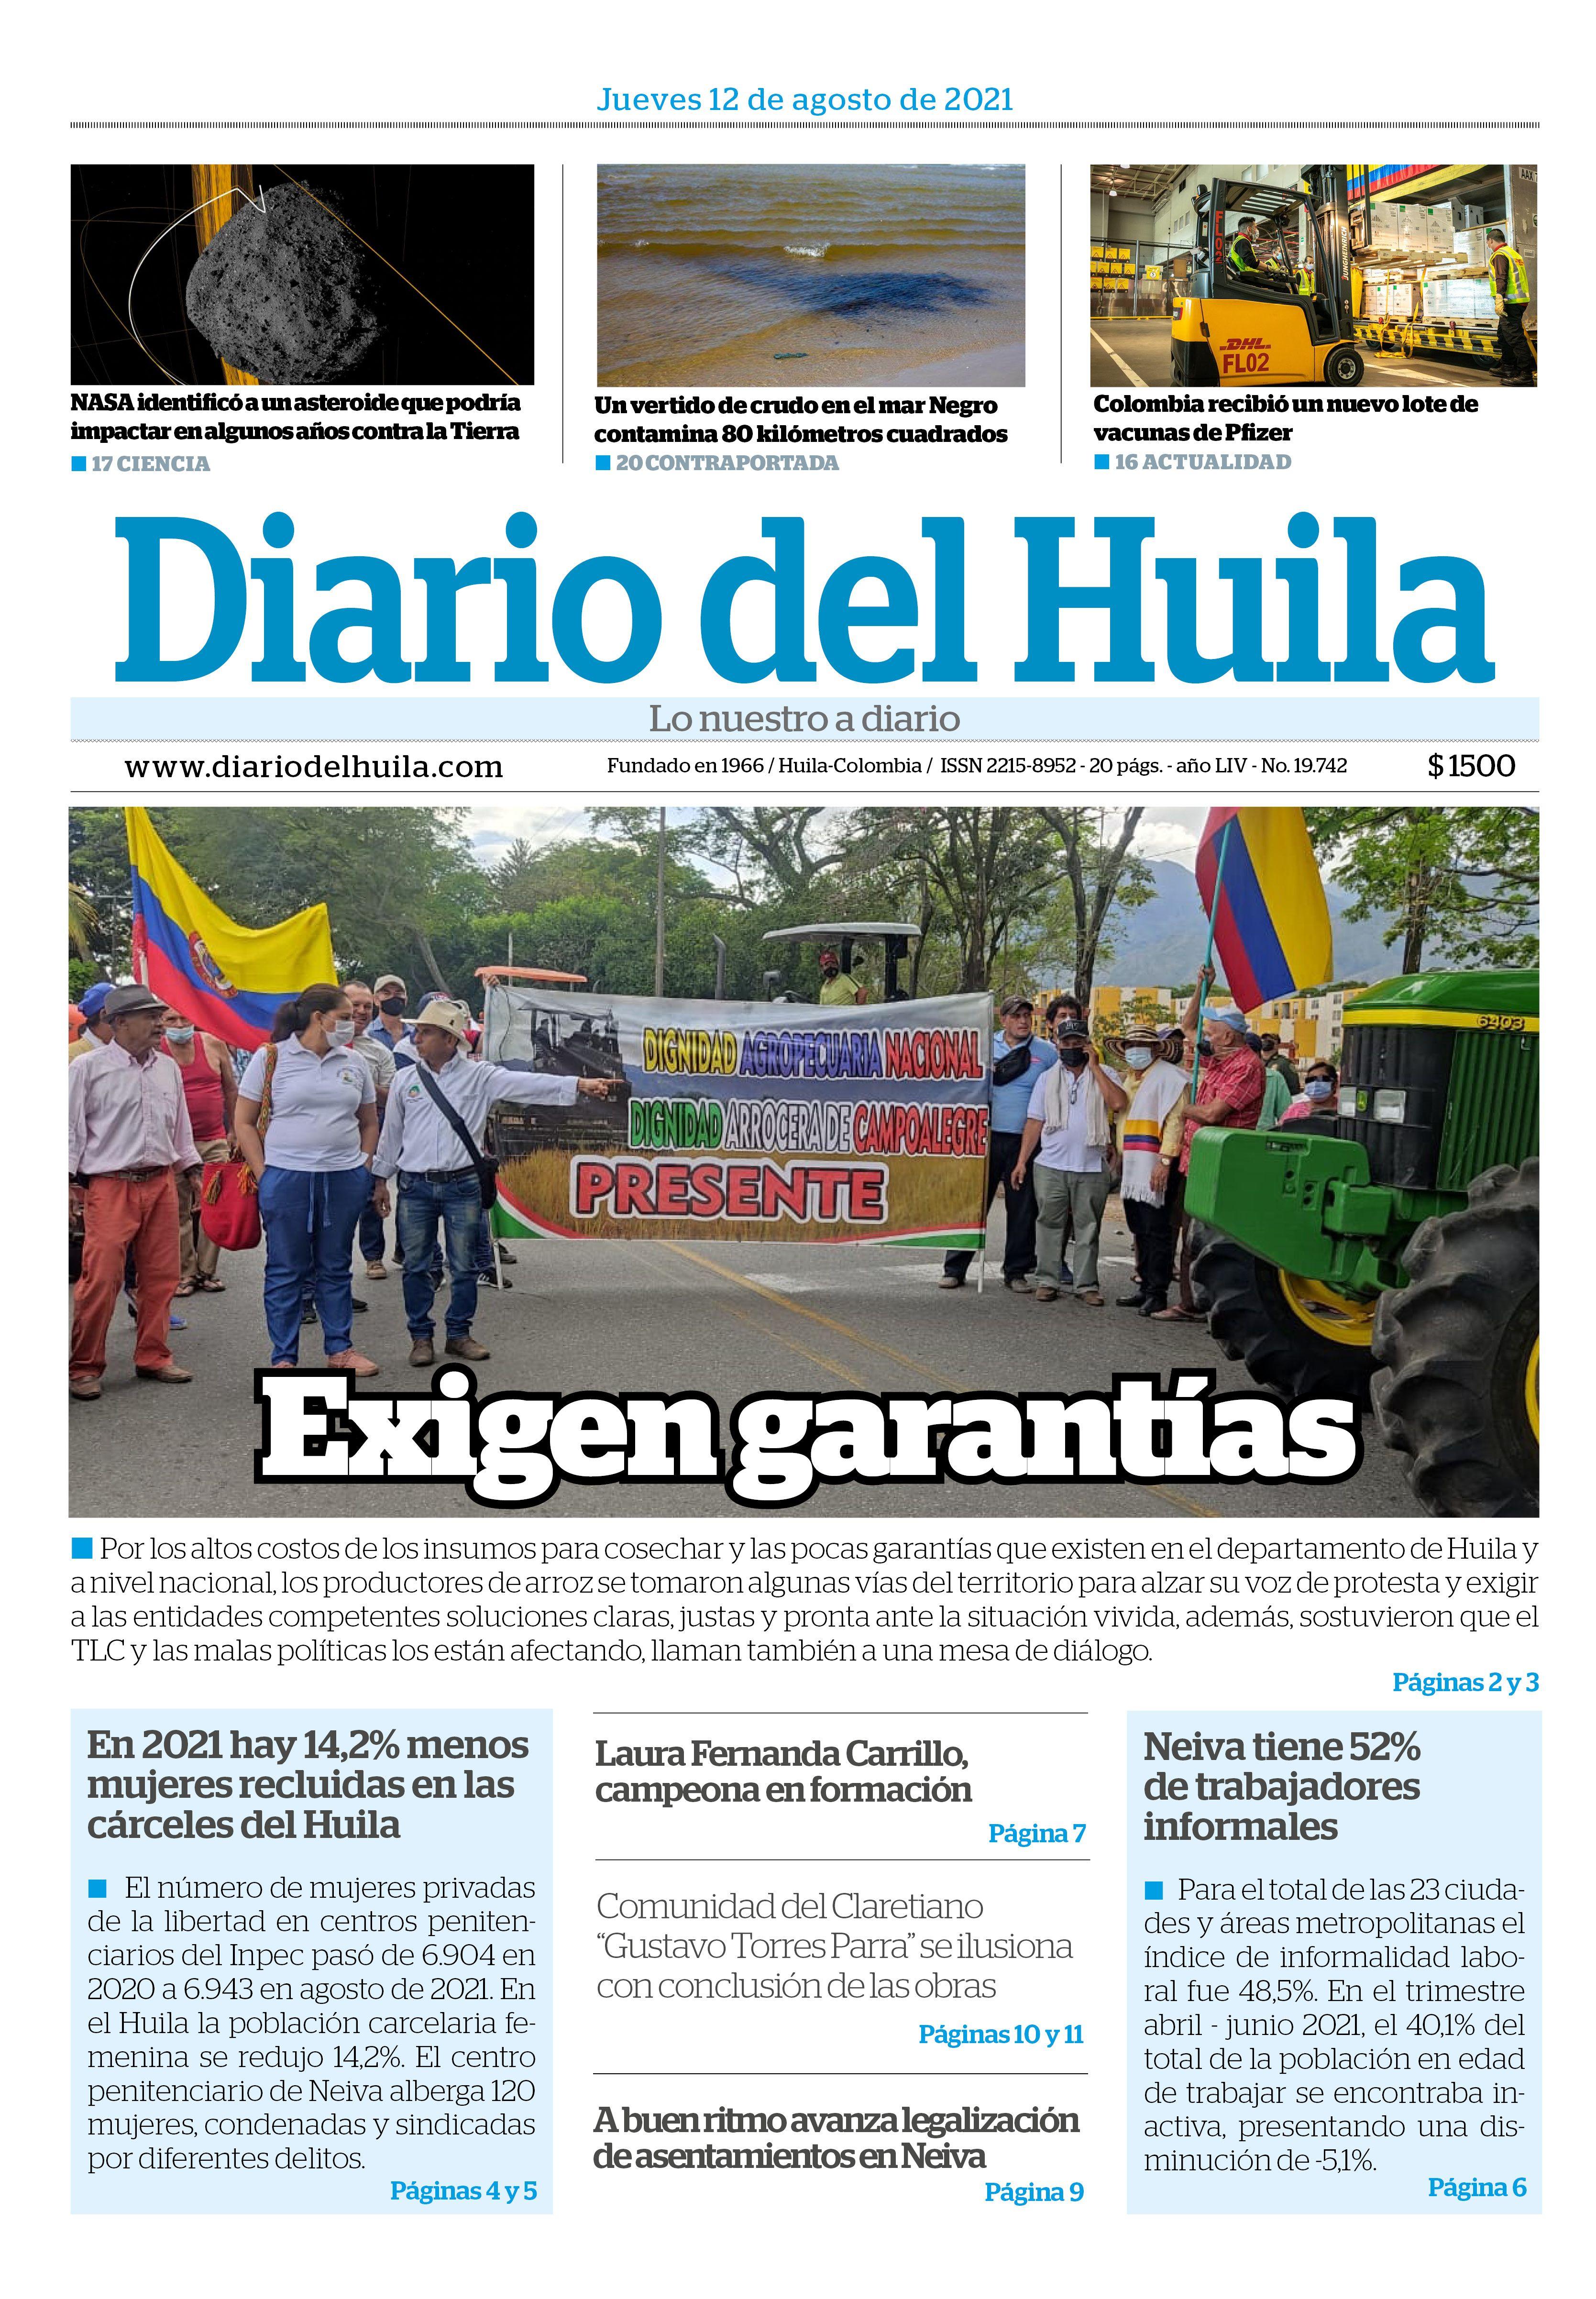 Diario Del Huila 12 de Agosto de 2021